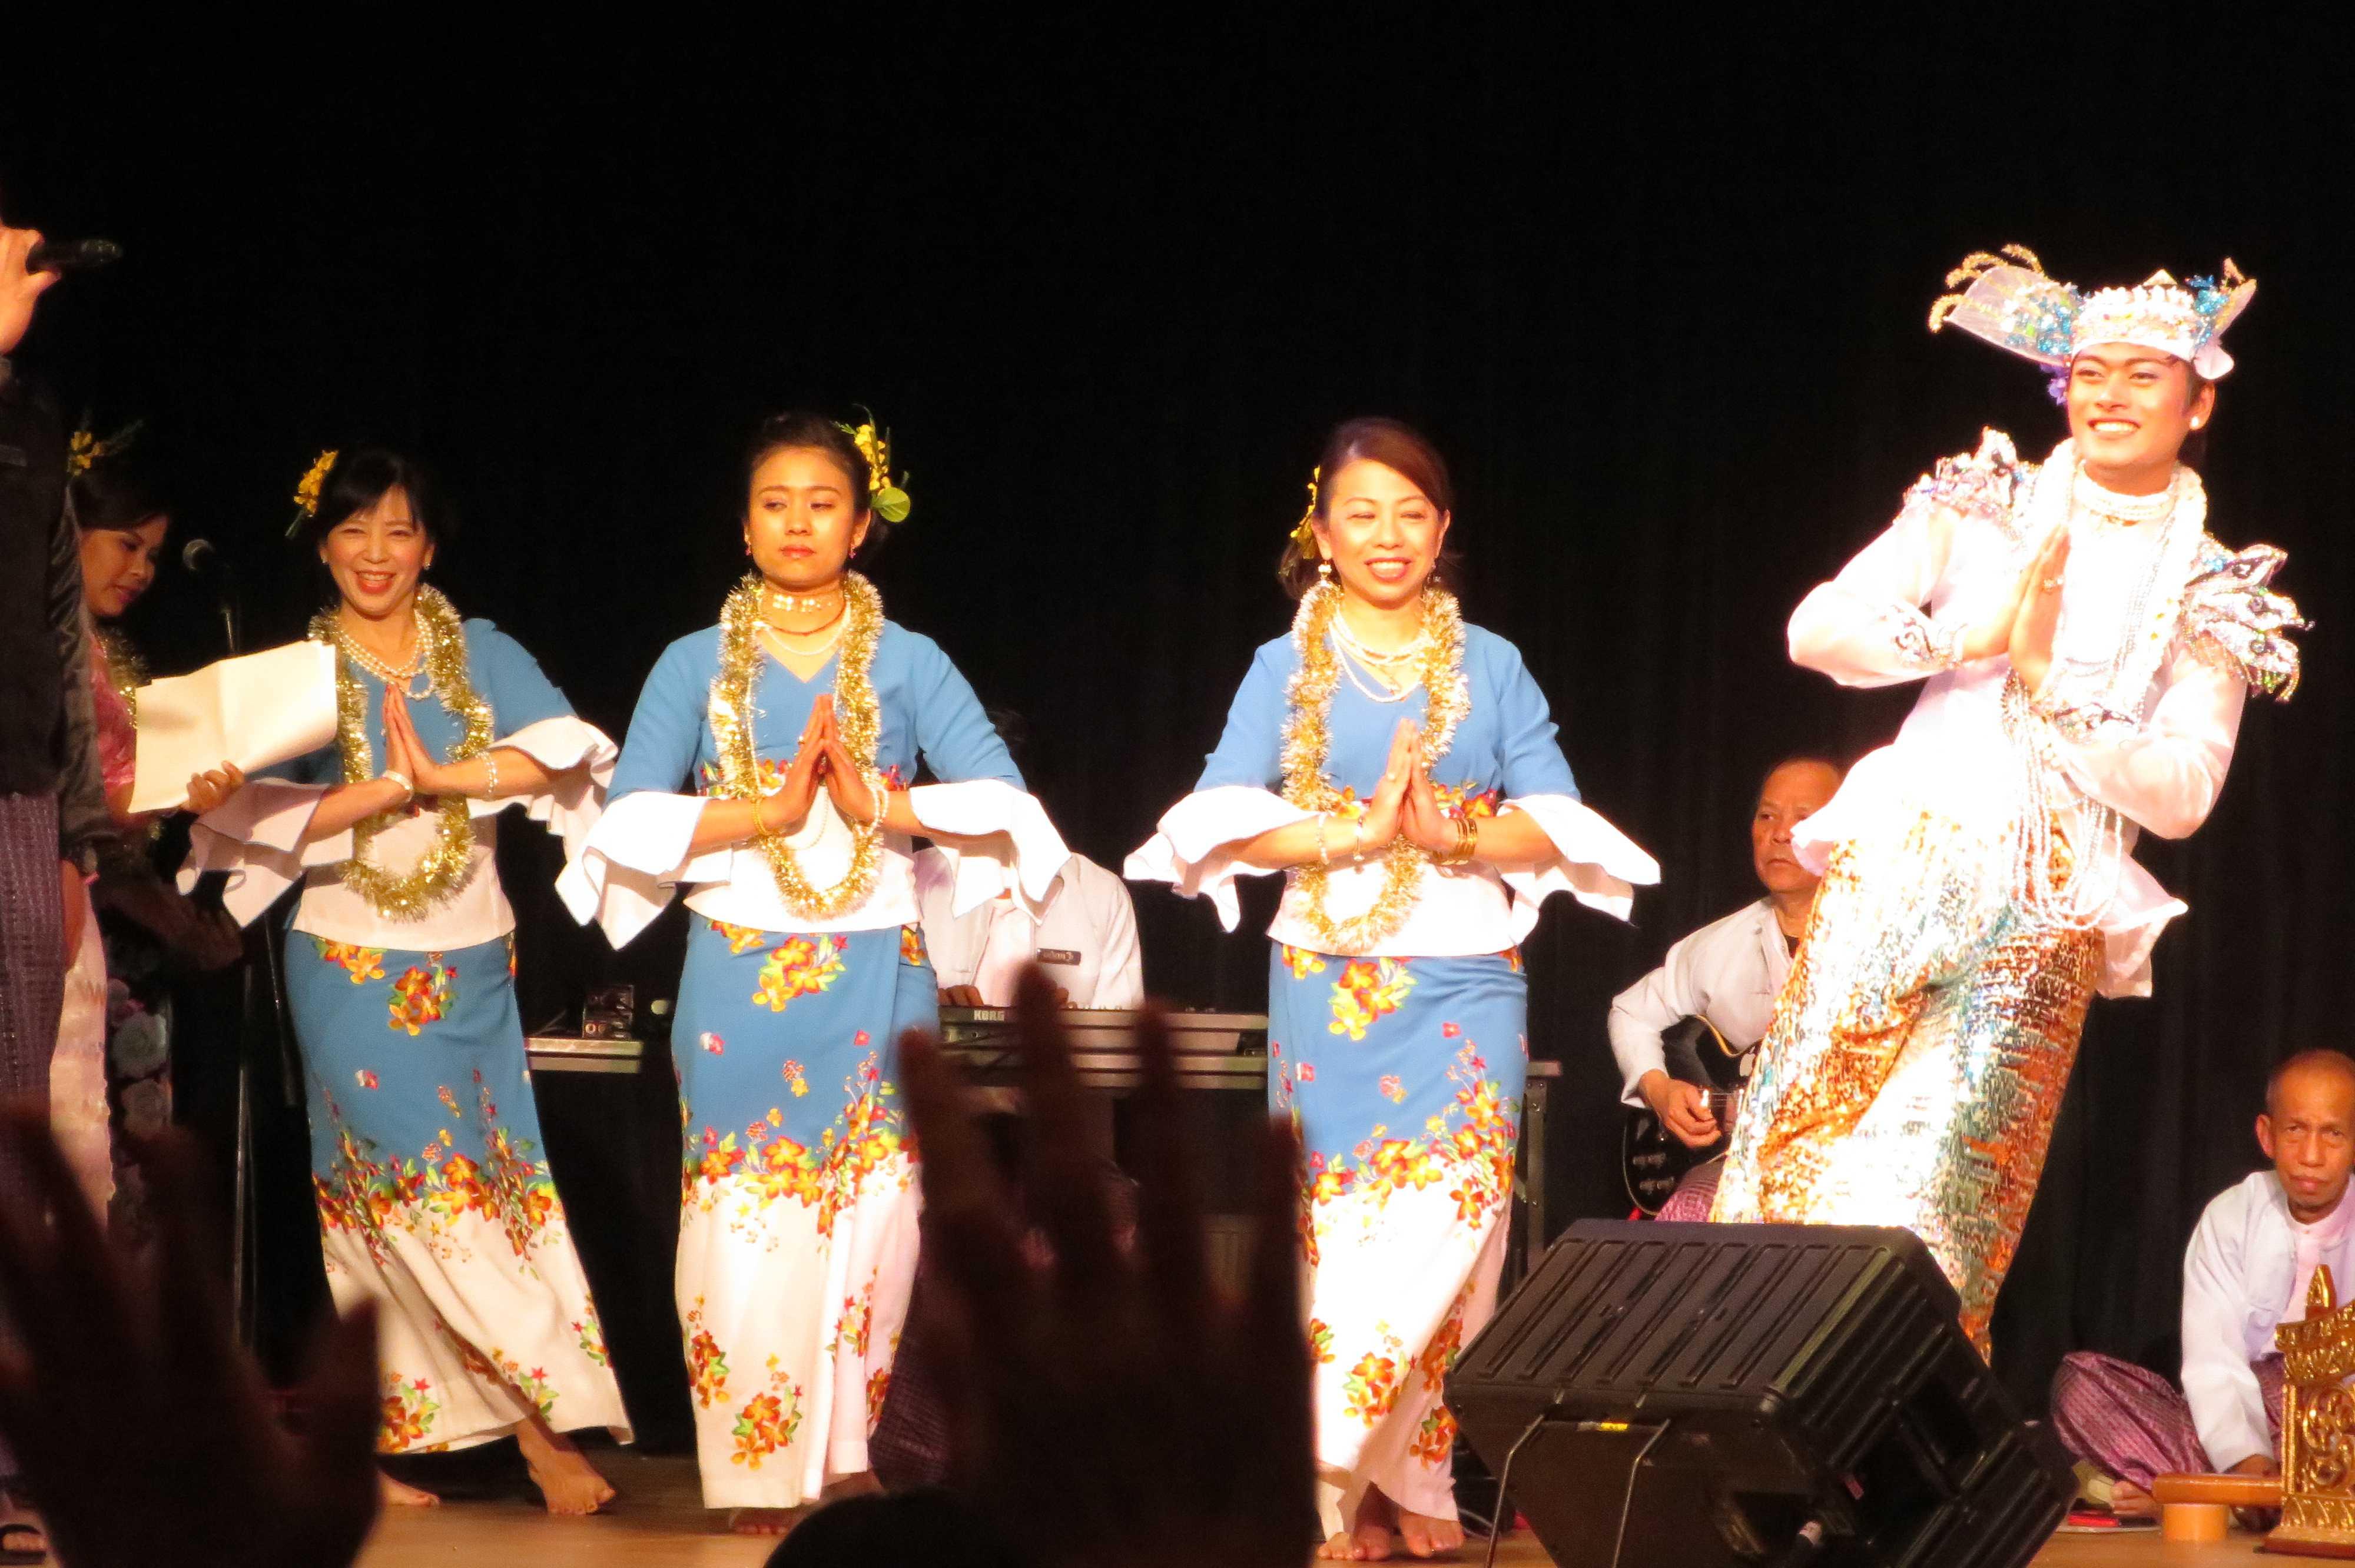 ミャンマーの伝統芸能 - ミャンマー祭り2016